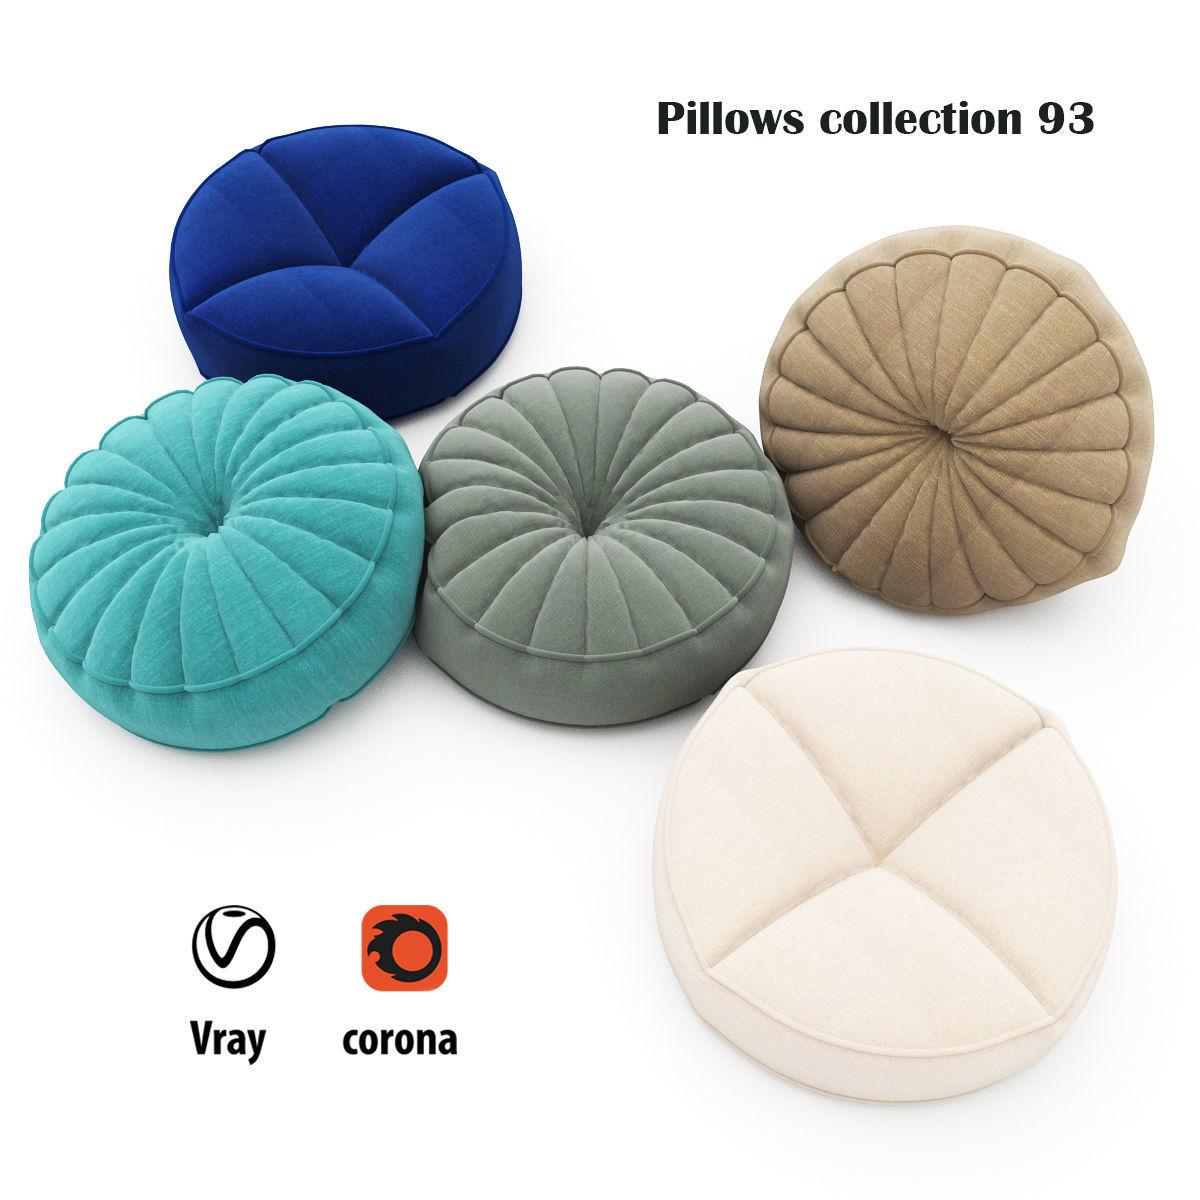 Pillows collection 93